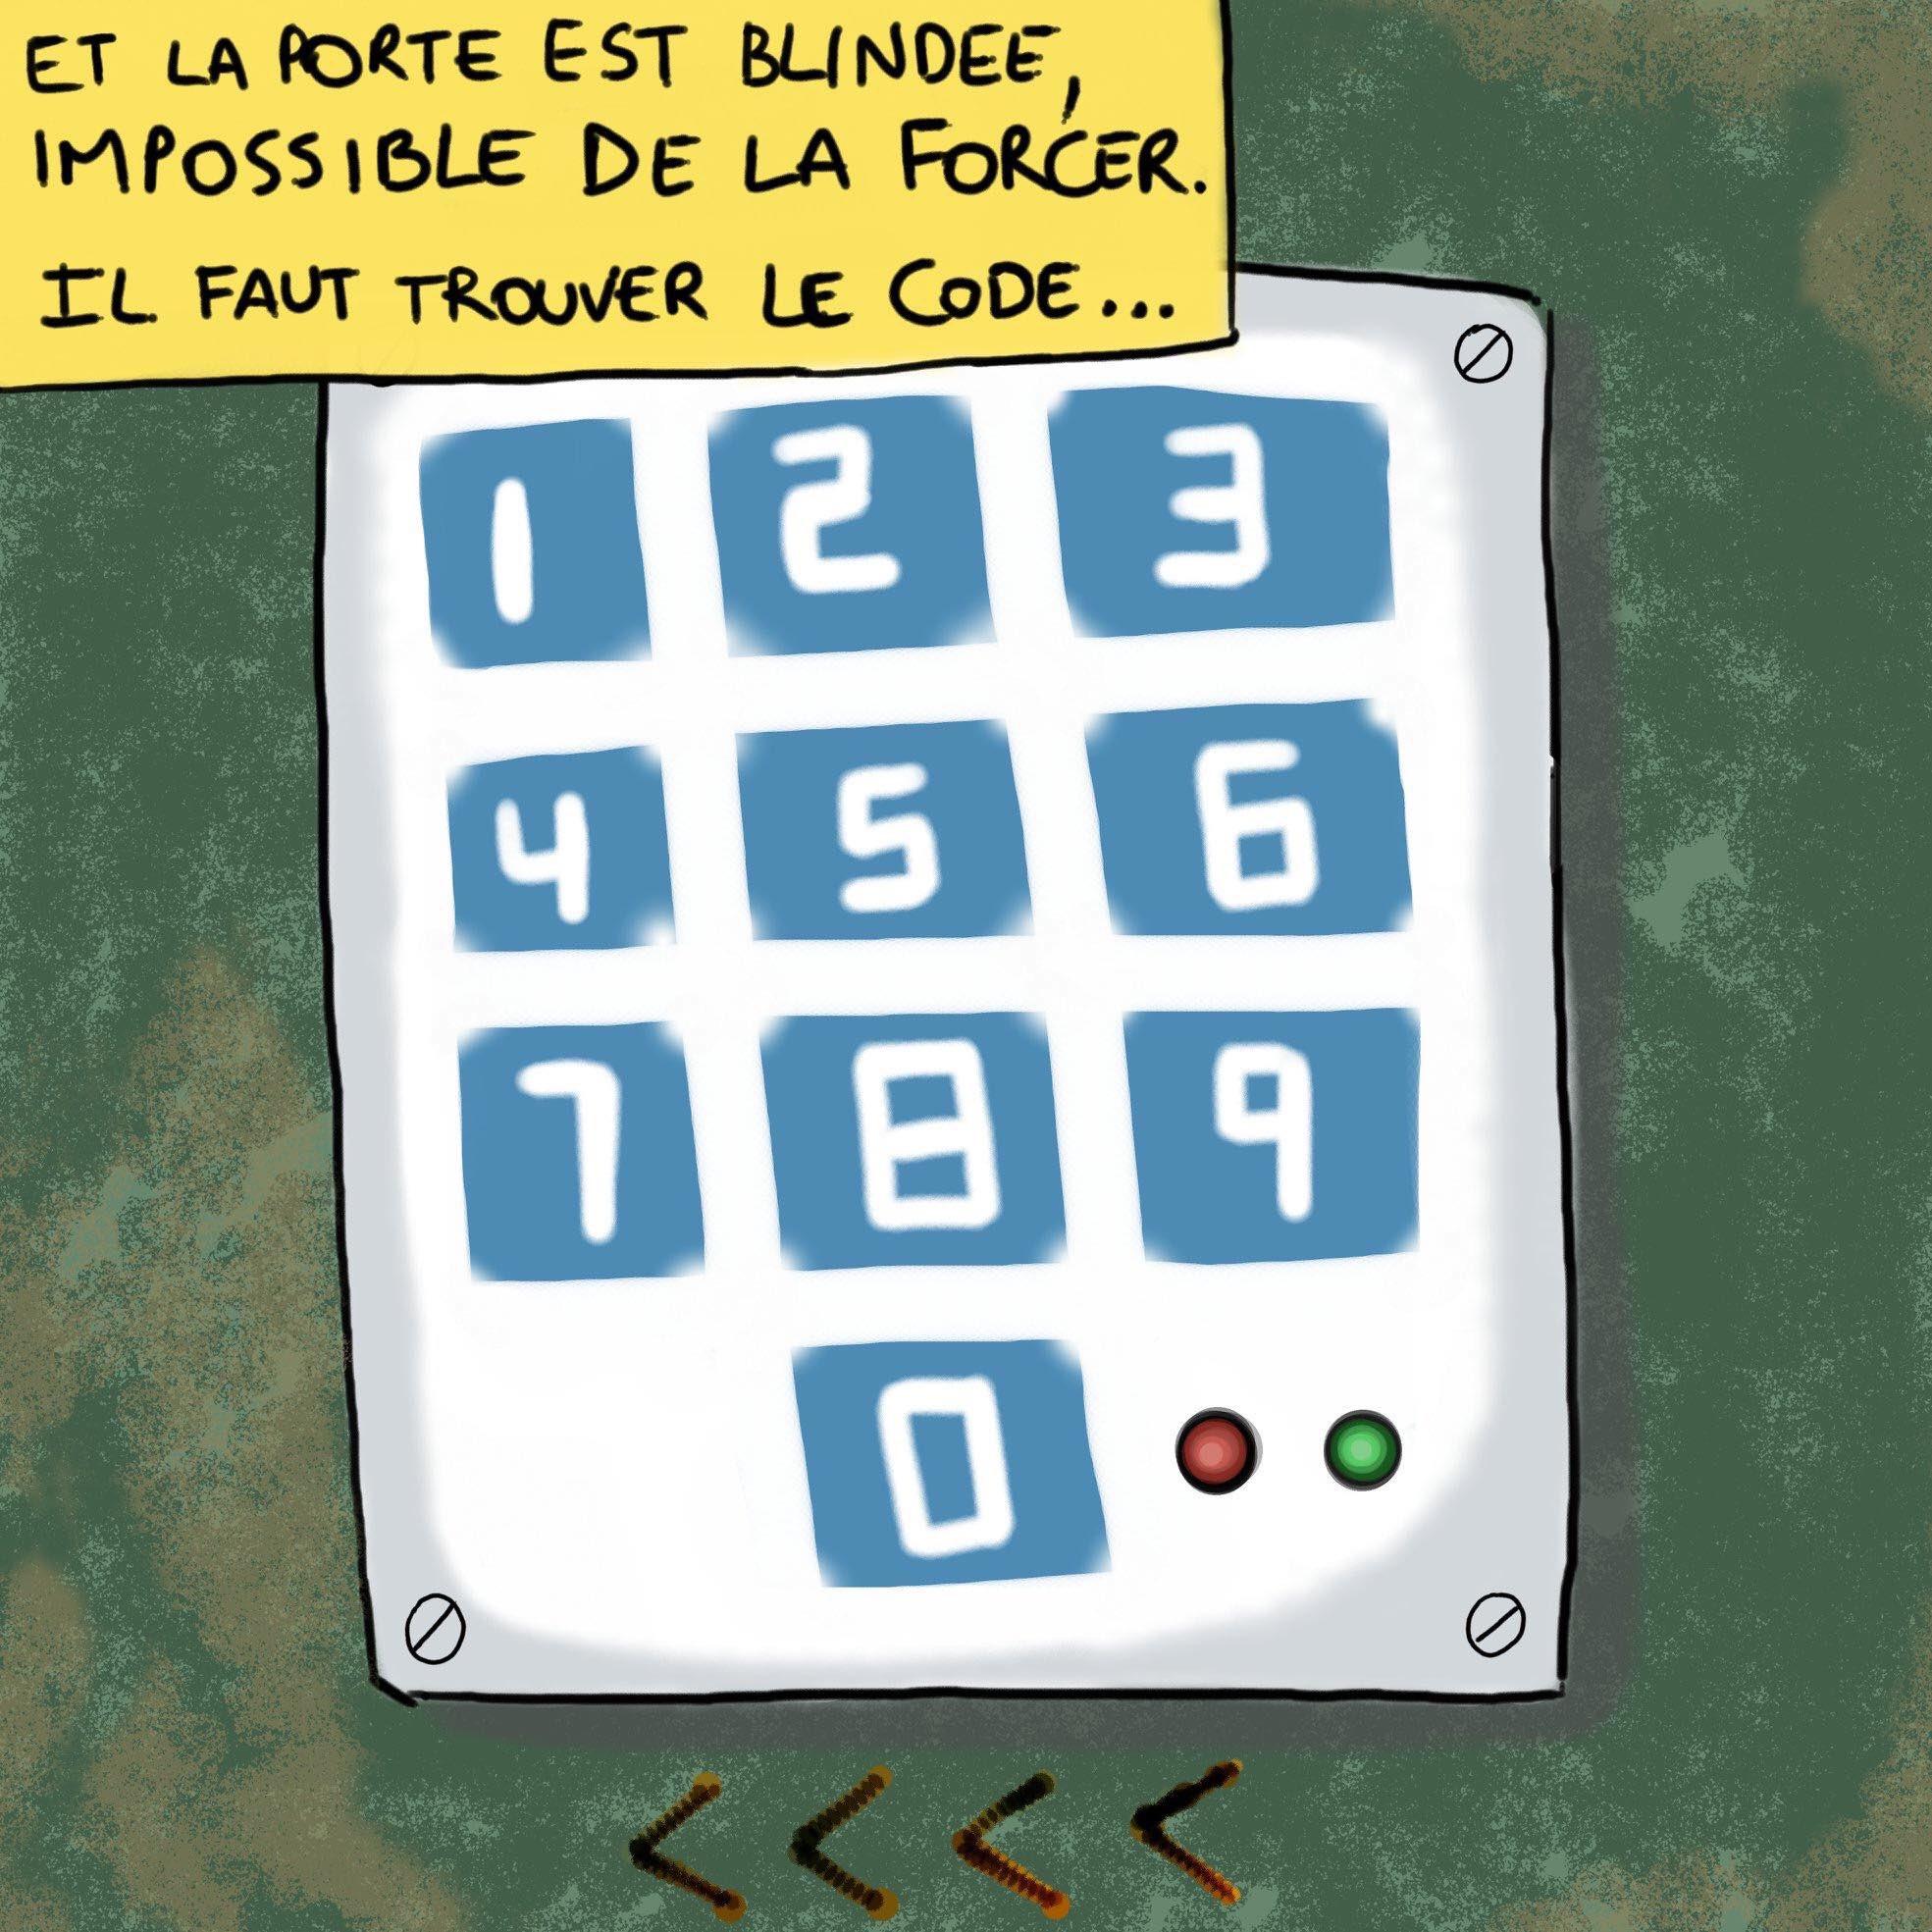 Un escape game de confinement.. EUSh91kWkAALyZK?format=jpg&name=large